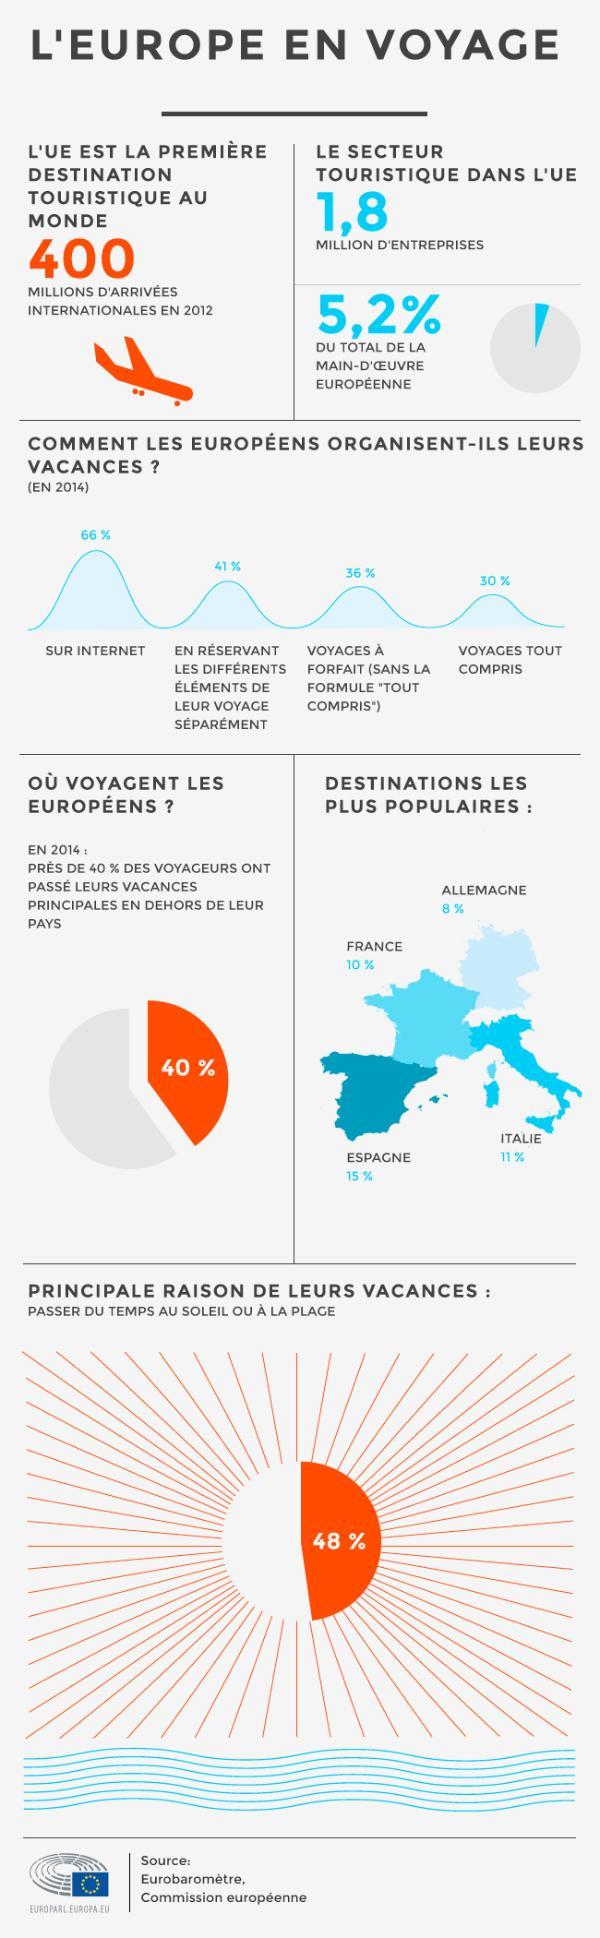 Infographie sur les voyages en Europe